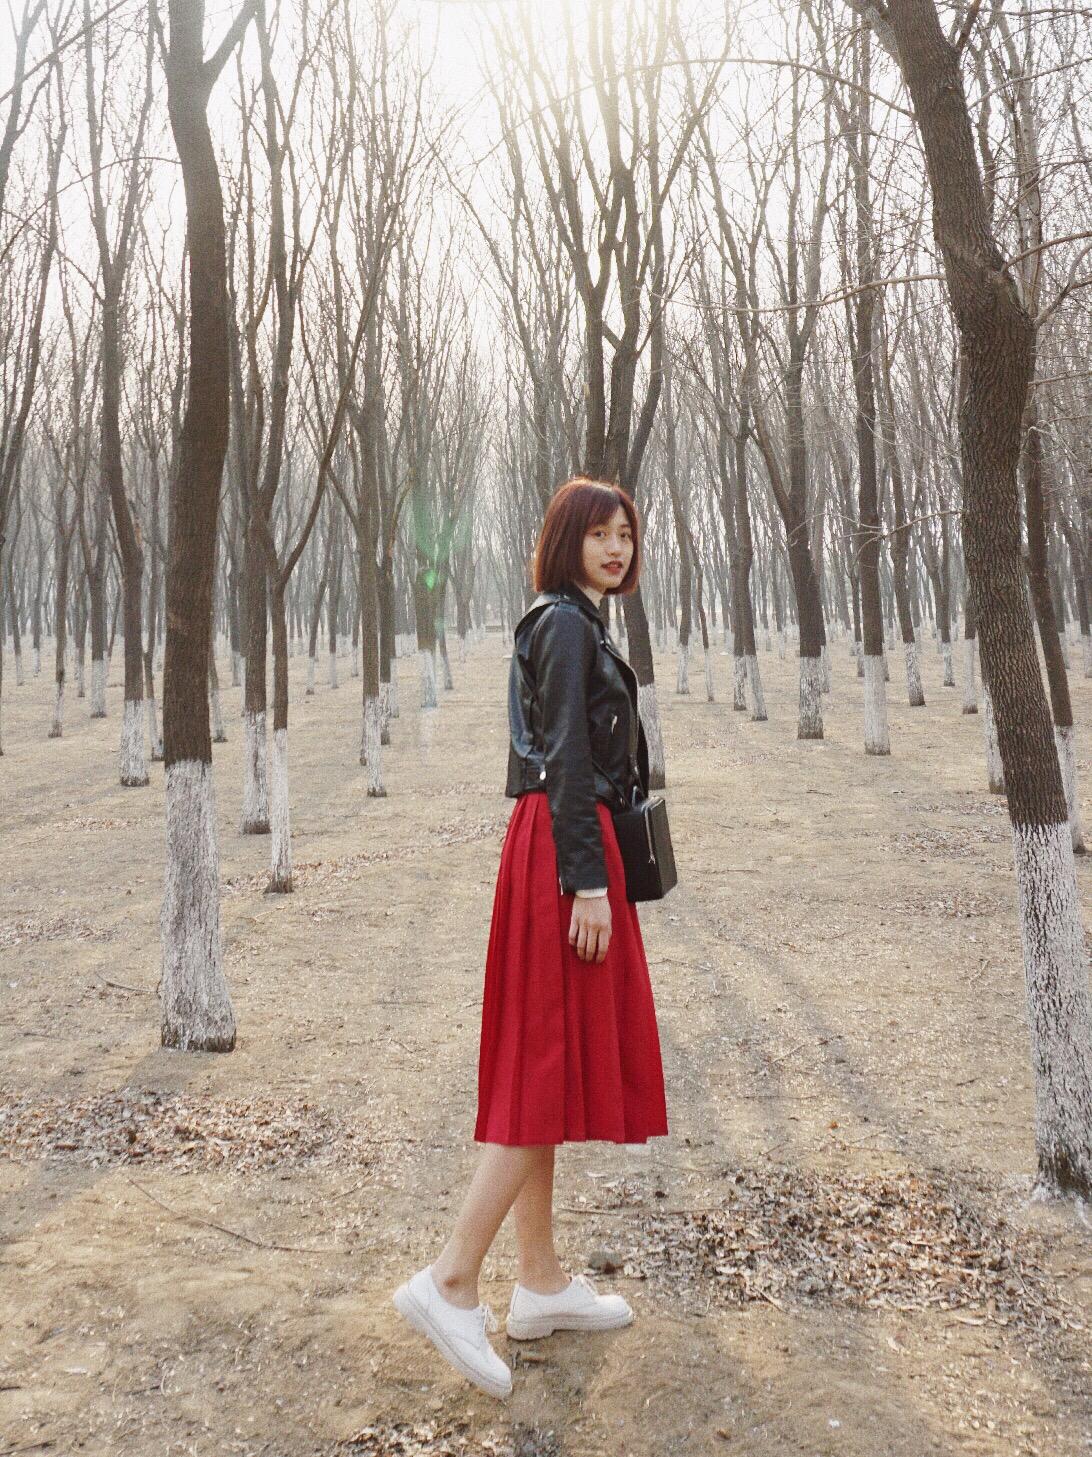 10.8 | 秋天里的一抹红  最近可能是年纪大了,除了黑白灰偏爱一些有质感的颜色,例如酒红、墨绿等,今儿选了一条暗红色的裙子来搭配。 黑色和红色可以说是好朋友啦,裙子太过柔美的话选一件酷酷的黑色皮衣来中和就刚好,是最近流行的娘man风。 红裙子要注意,选深红会比较好驾驭,也有质感。皮衣最好是短款,这样拉高腰线,长高五公分哦~ 鞋子是经典三孔马丁,可以搭配无数次,我都买了两双啦,再用一个类似积木的包包,整体很有设计感又简单。 #OOTD#